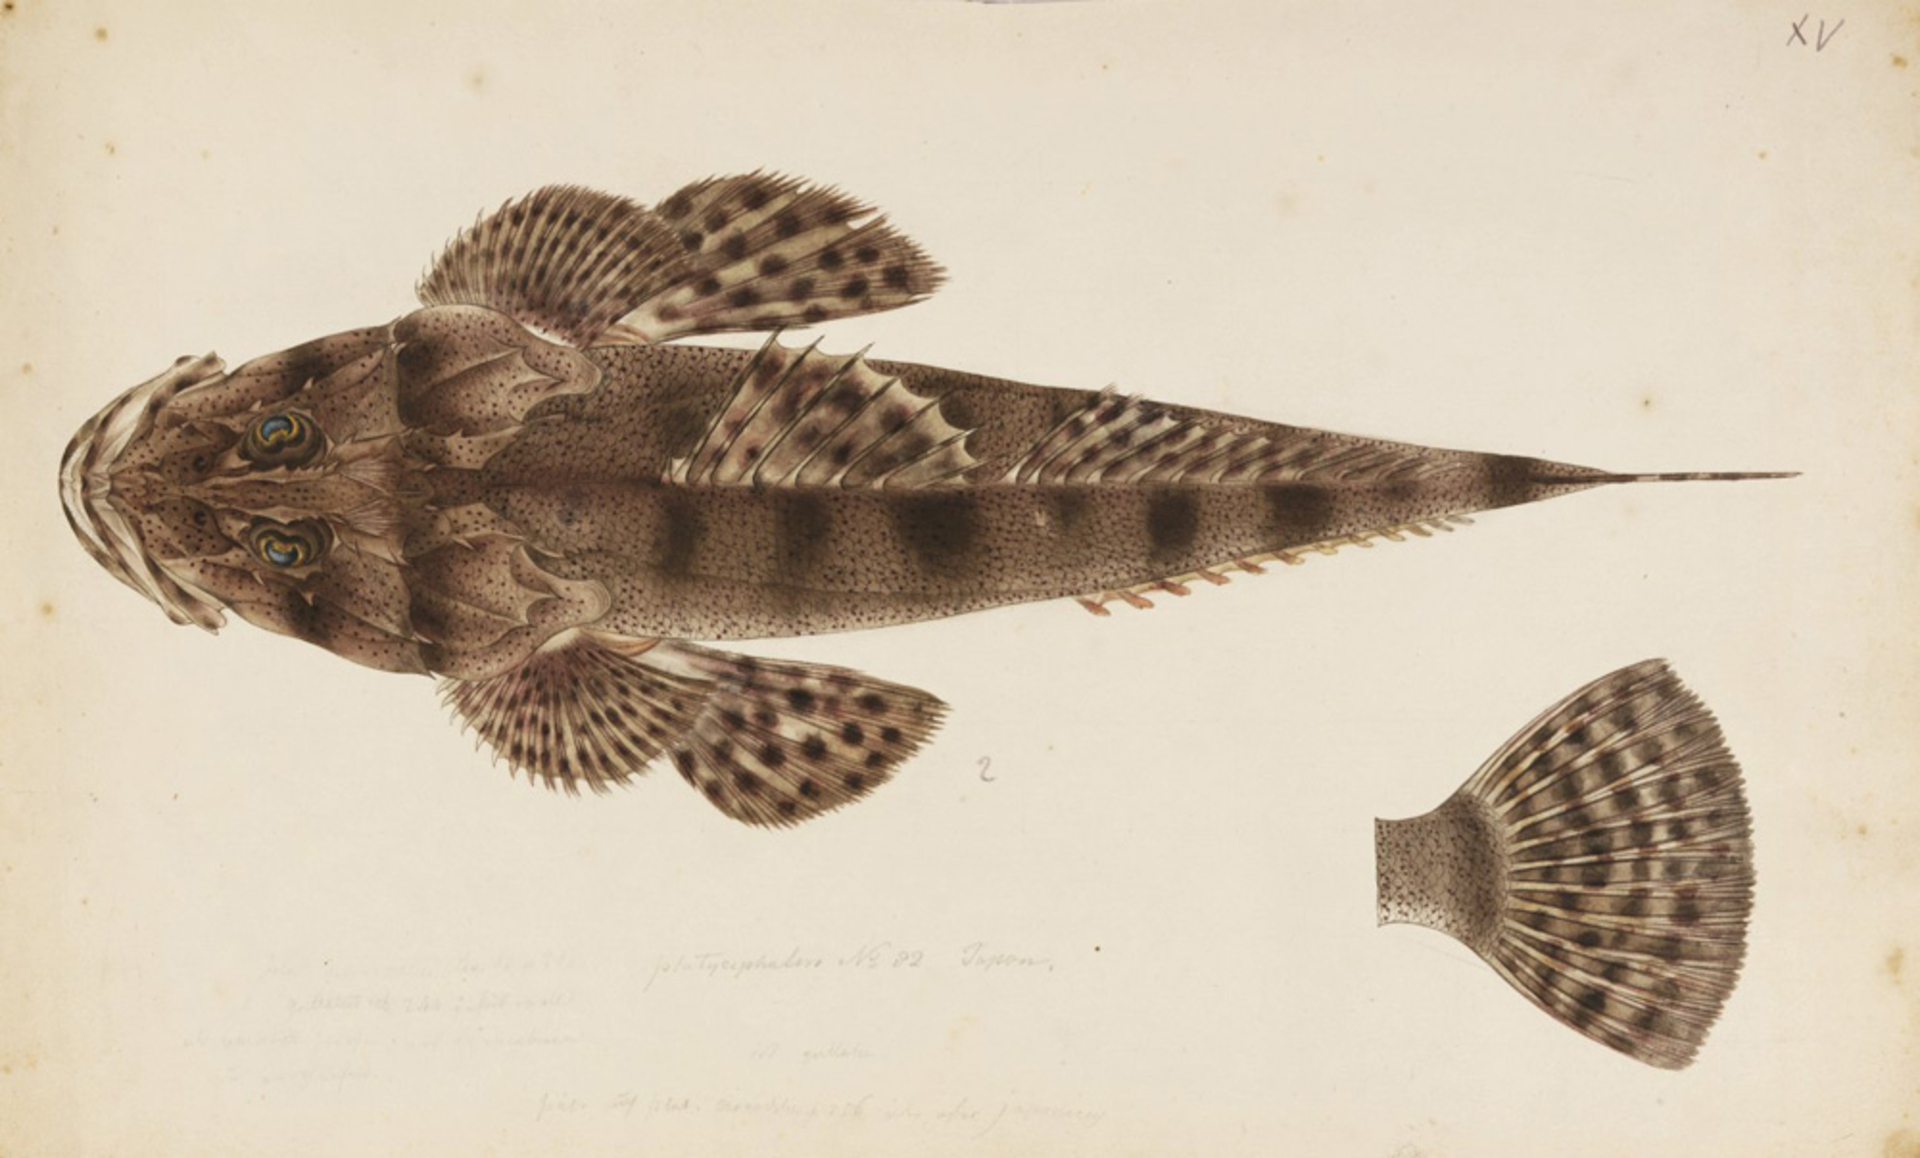 RMNH.ART.239   Inegocia guttata